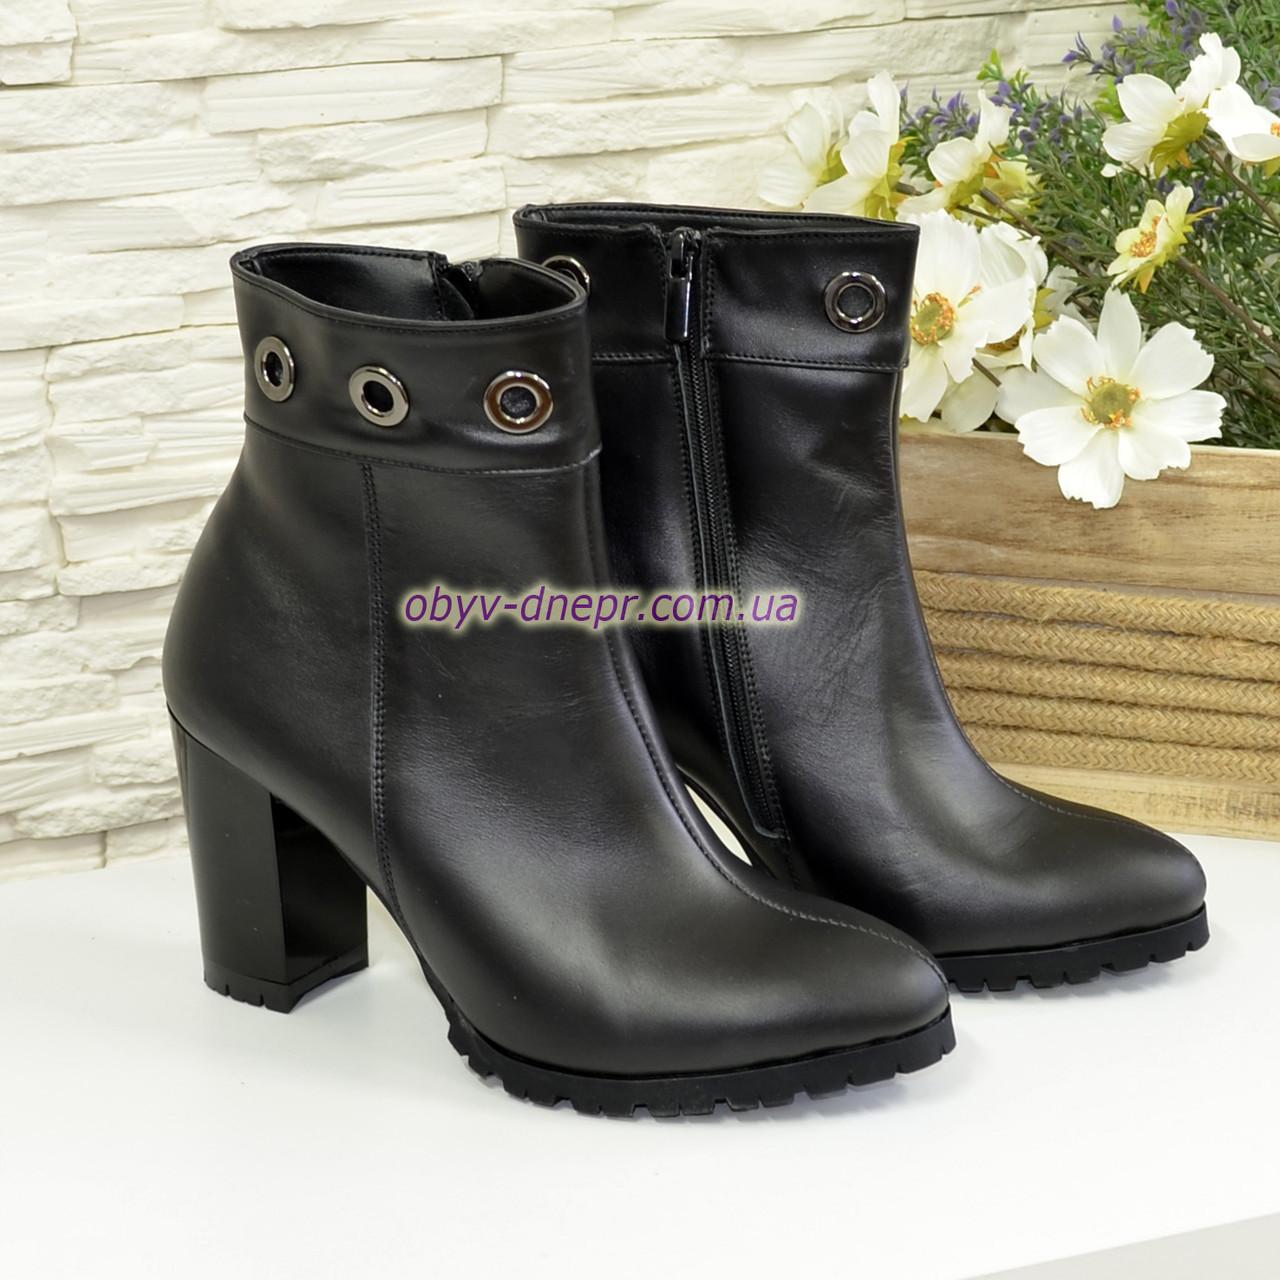 Стильные кожаные демисезонные ботинки на устойчивом каблуке